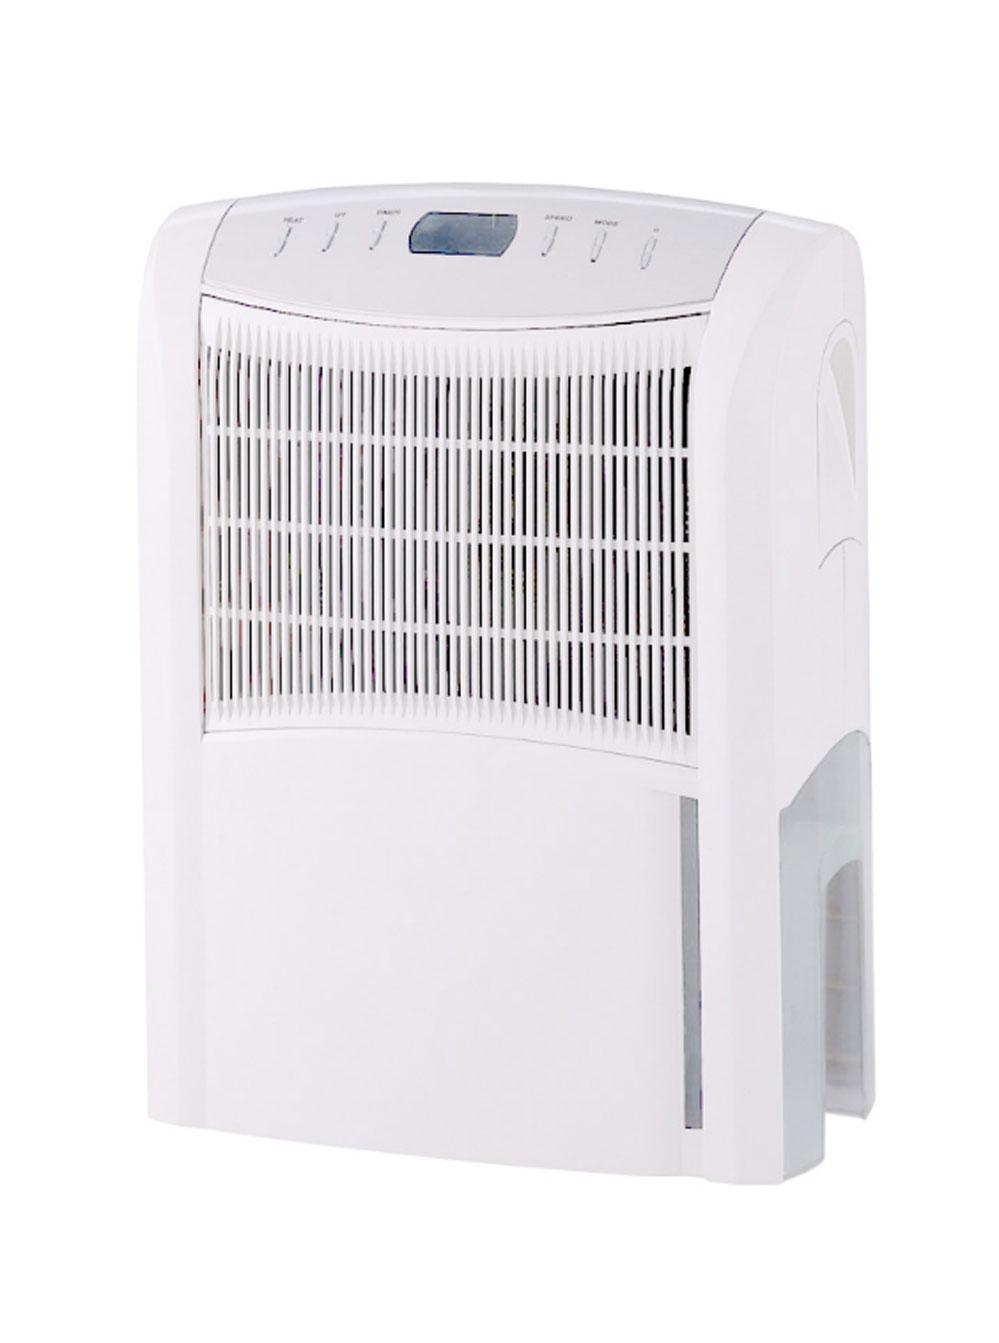 Master dh-720 air dehumidifier / air purifier with 55 m² aarea covera